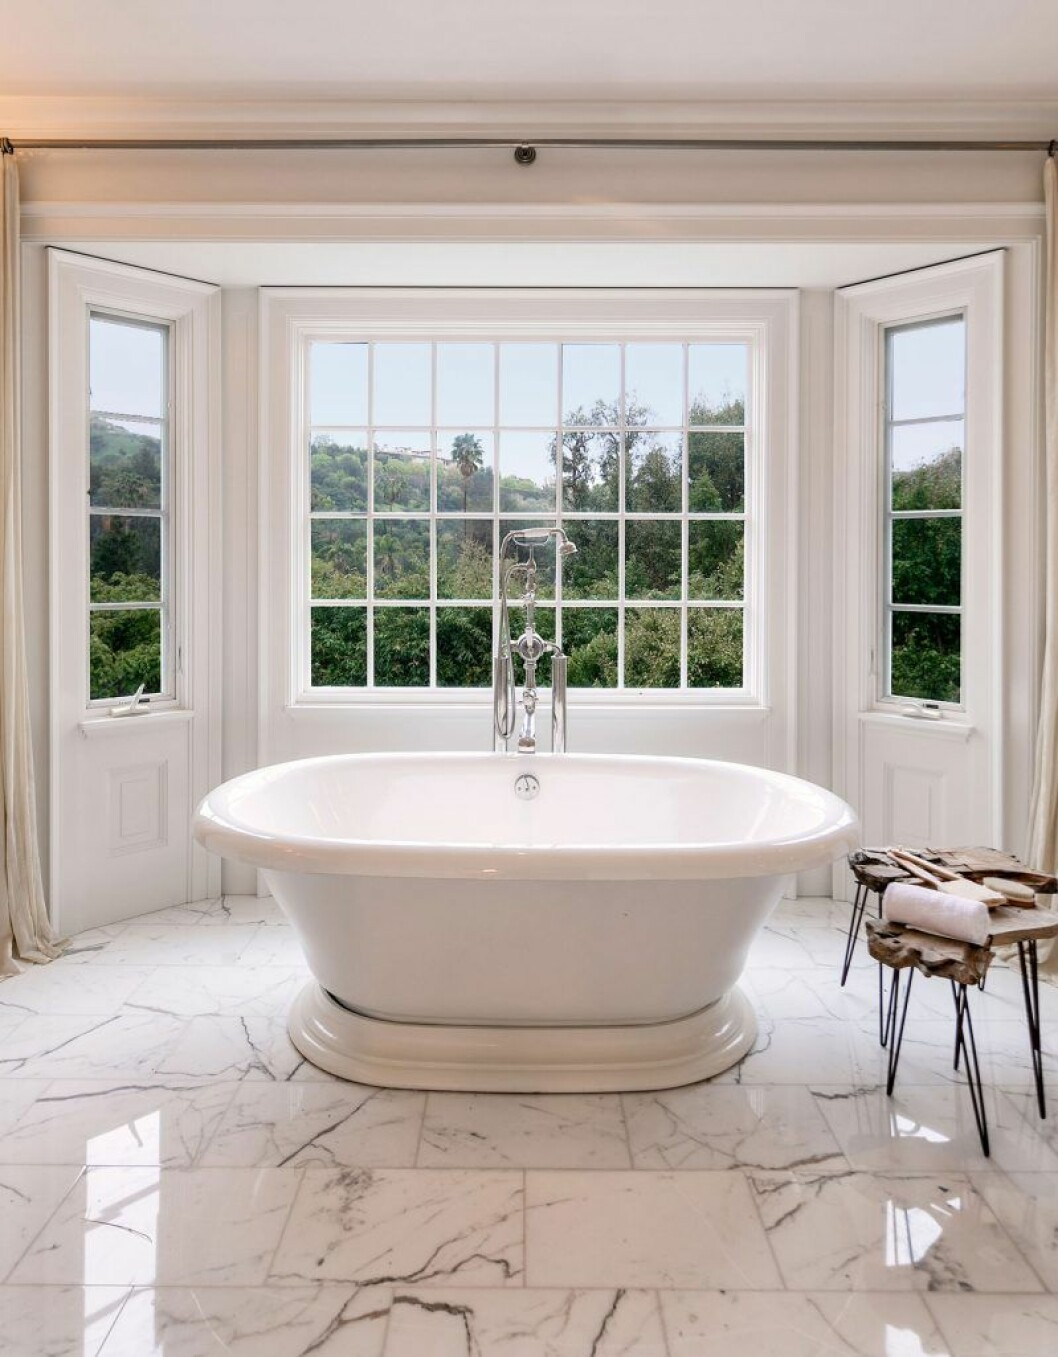 Bild från Ashton Kutcher och Mila Kunis badrum